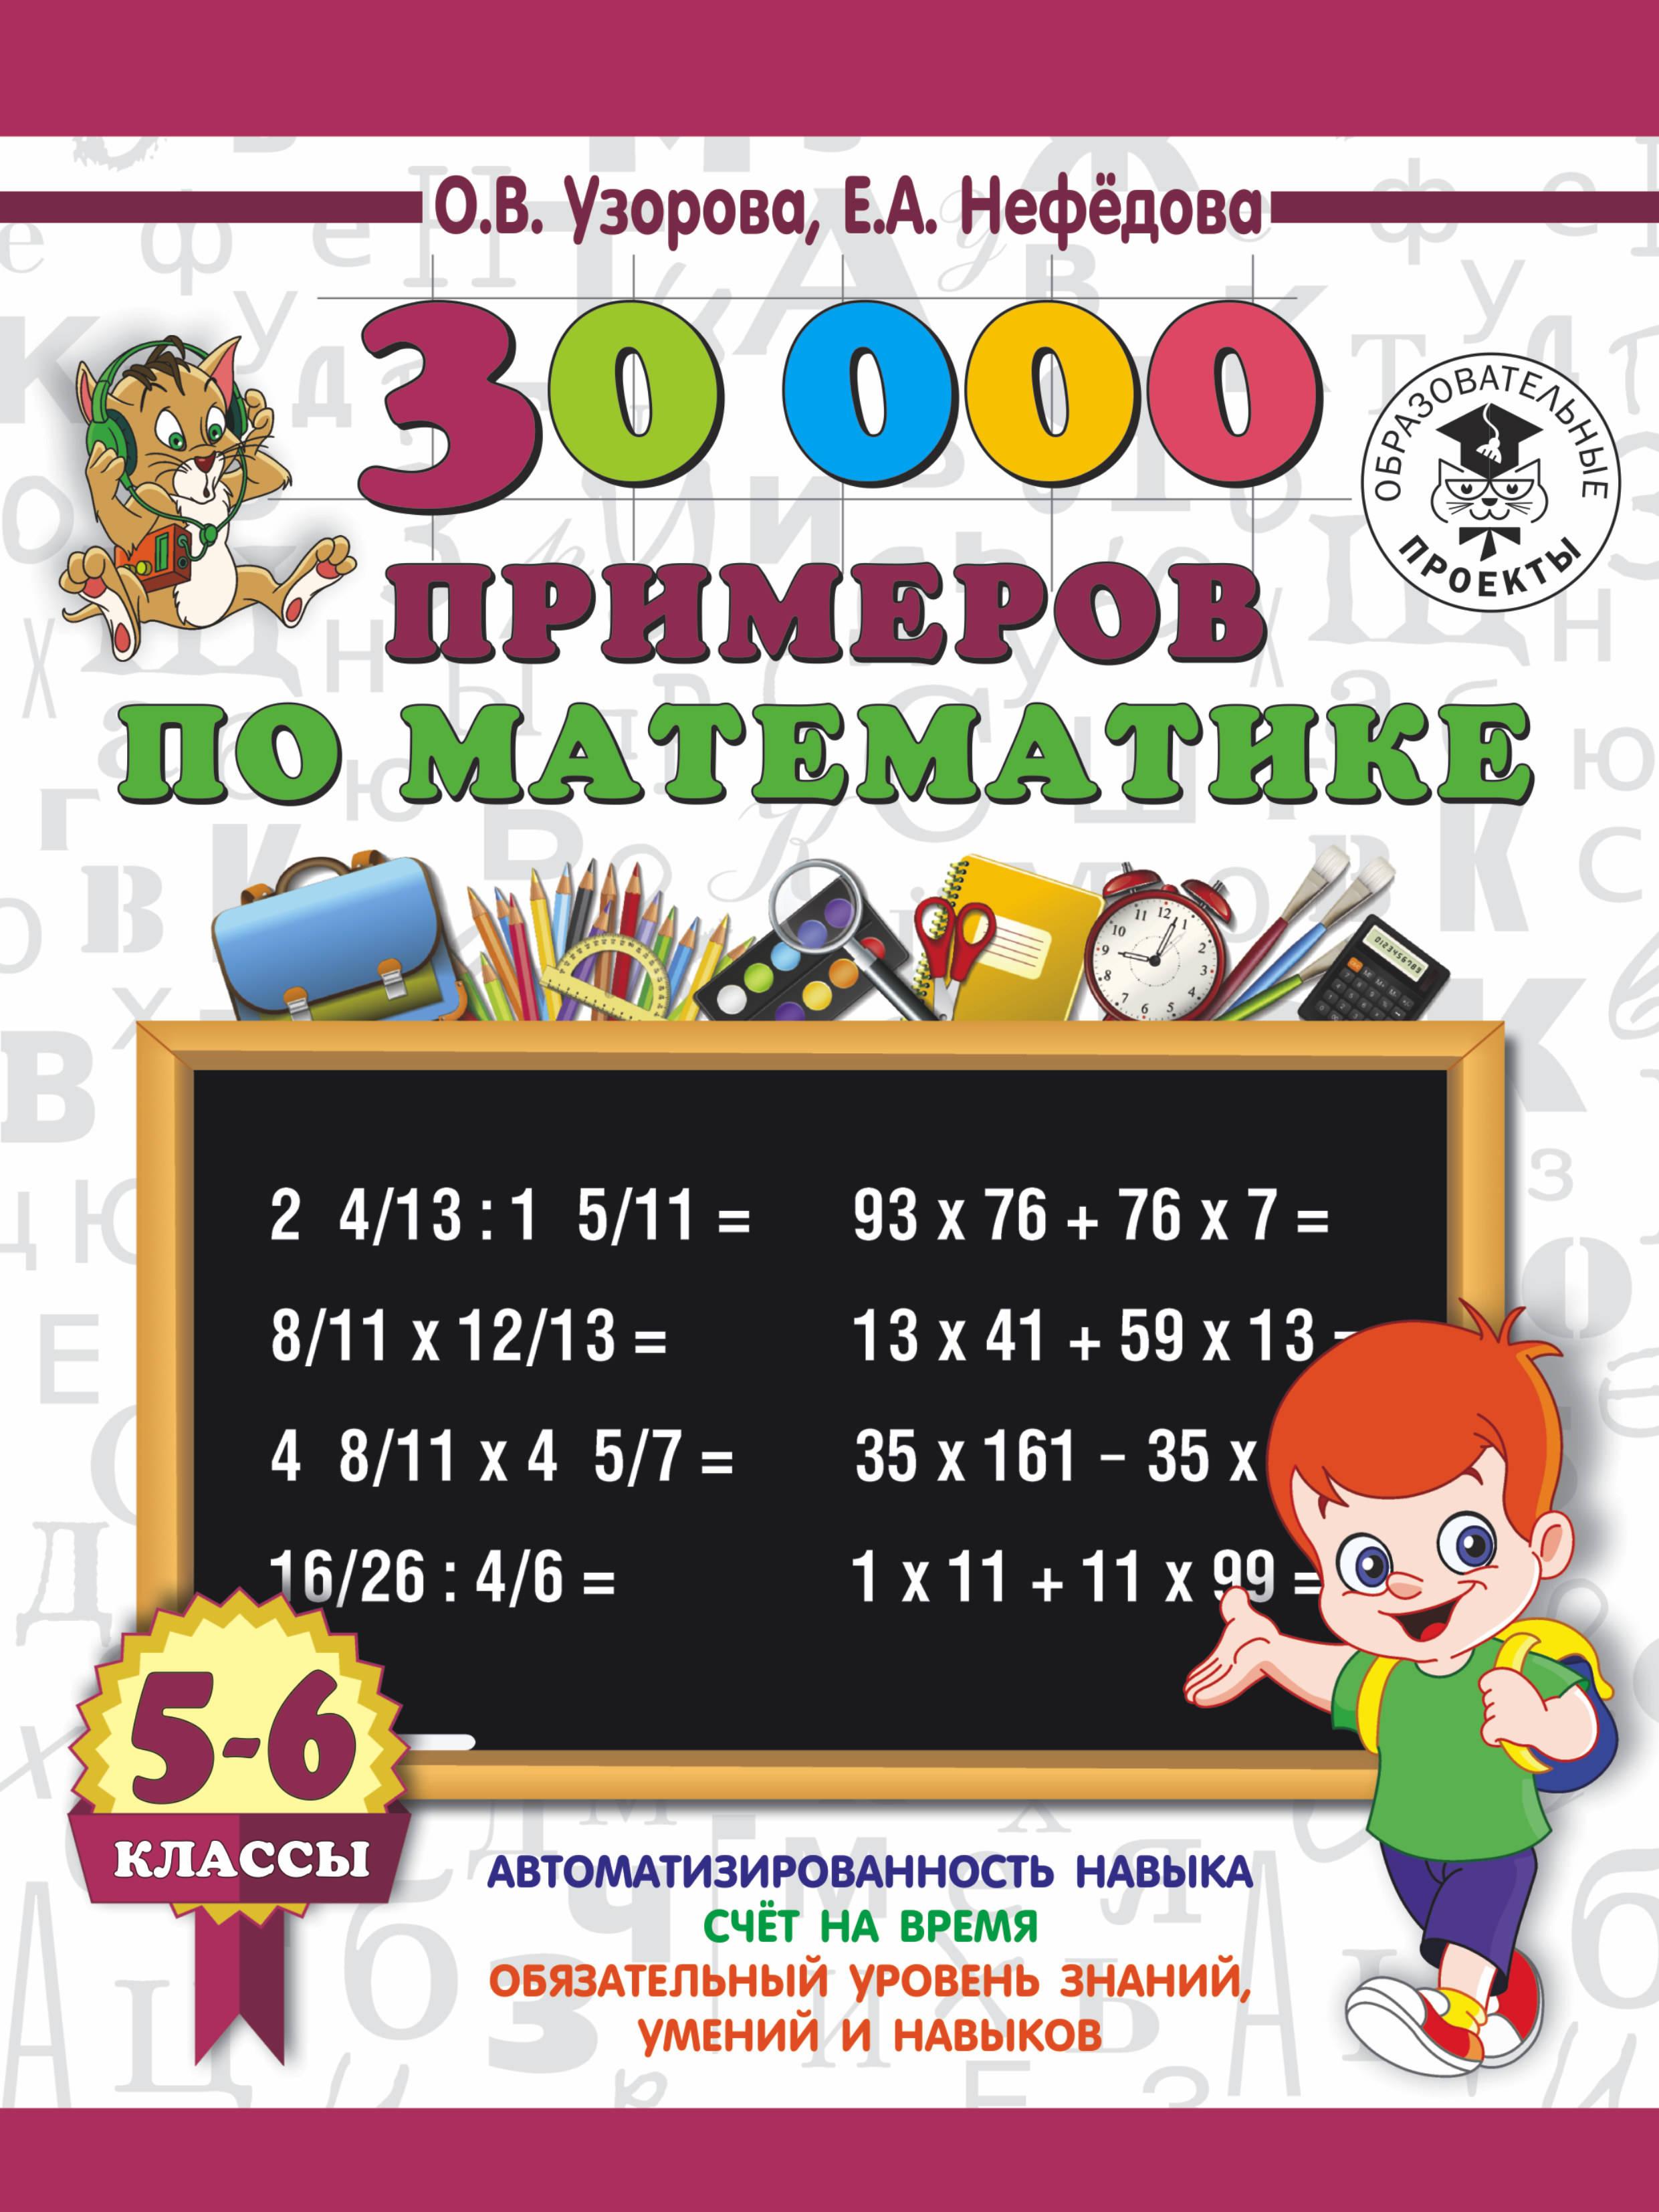 О. В. Узорова,Е. А. Нефедова 30000 примеров по математике. 5 - 6 классы free shipping 30349 qfp ic 5pcslot